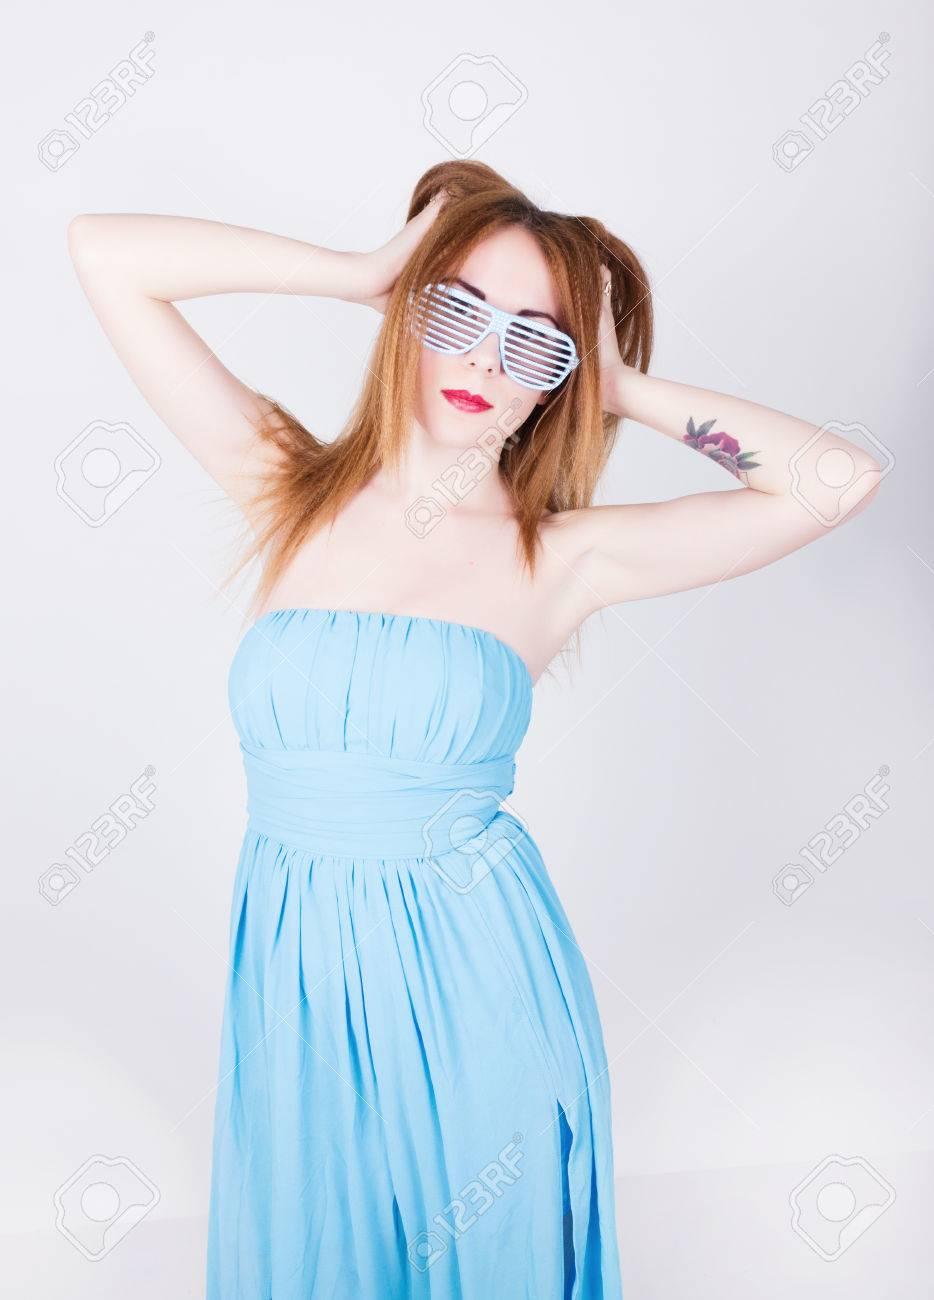 47ccd22f6 Foto de archivo - Niña en un vestido azul y gafas de sol en el estilo de la  música disco